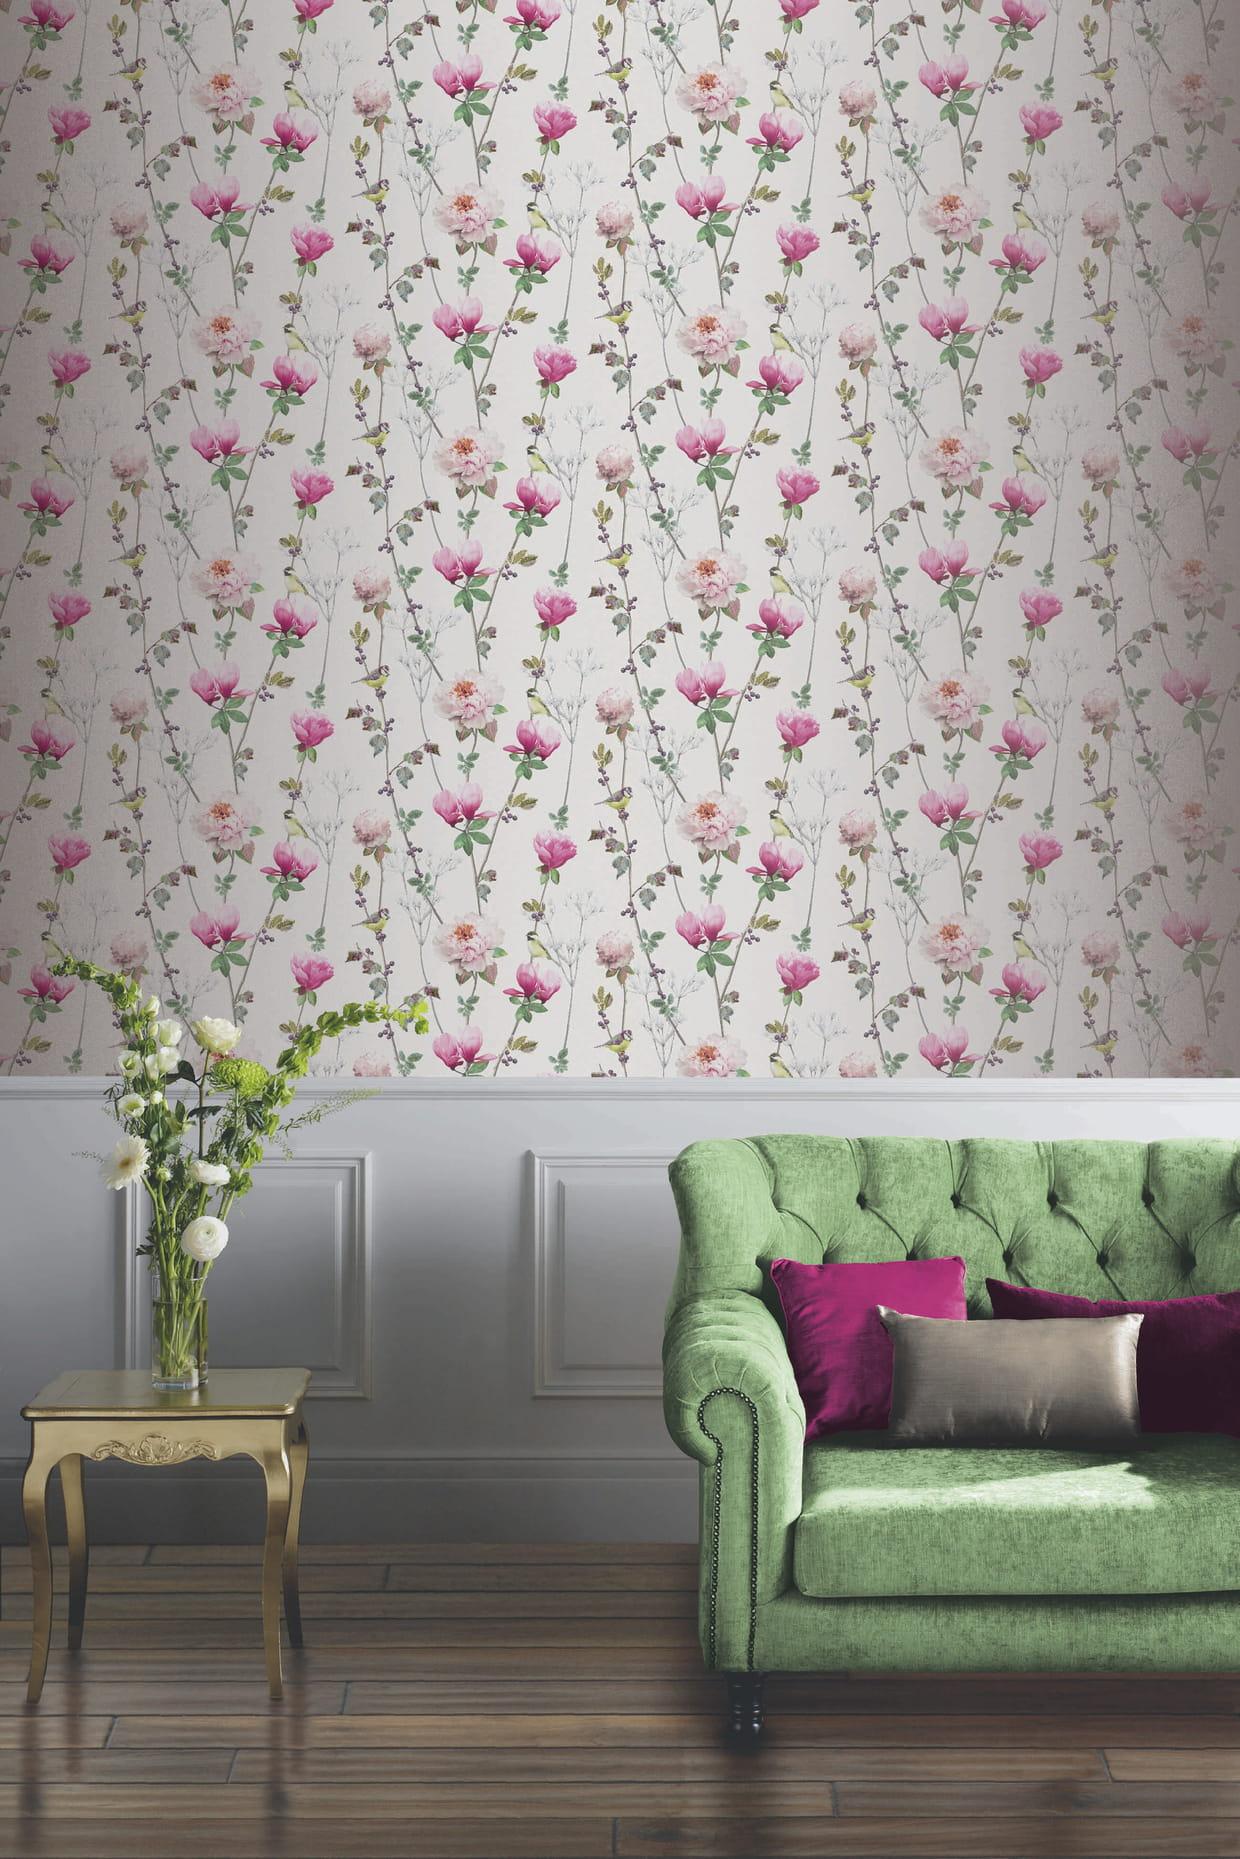 papier peint ella par 4 murs. Black Bedroom Furniture Sets. Home Design Ideas